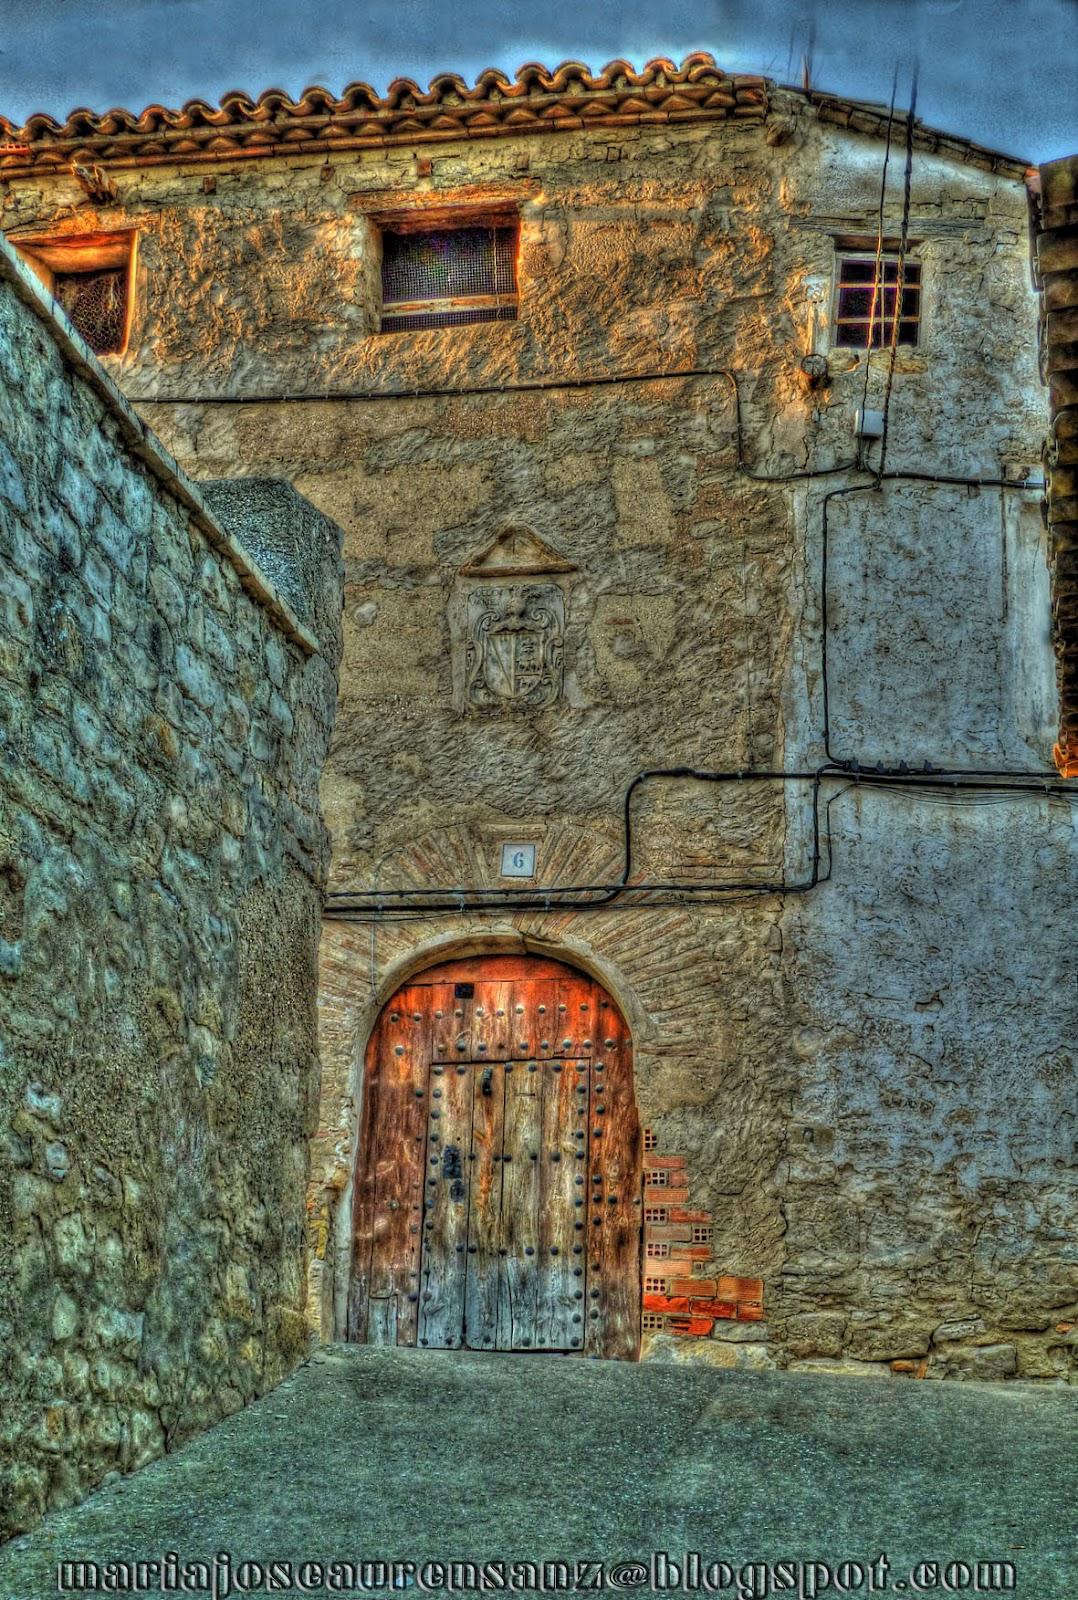 Casa inquisitoria desde 1478 hasta 1834 penaba las religiones no católicas